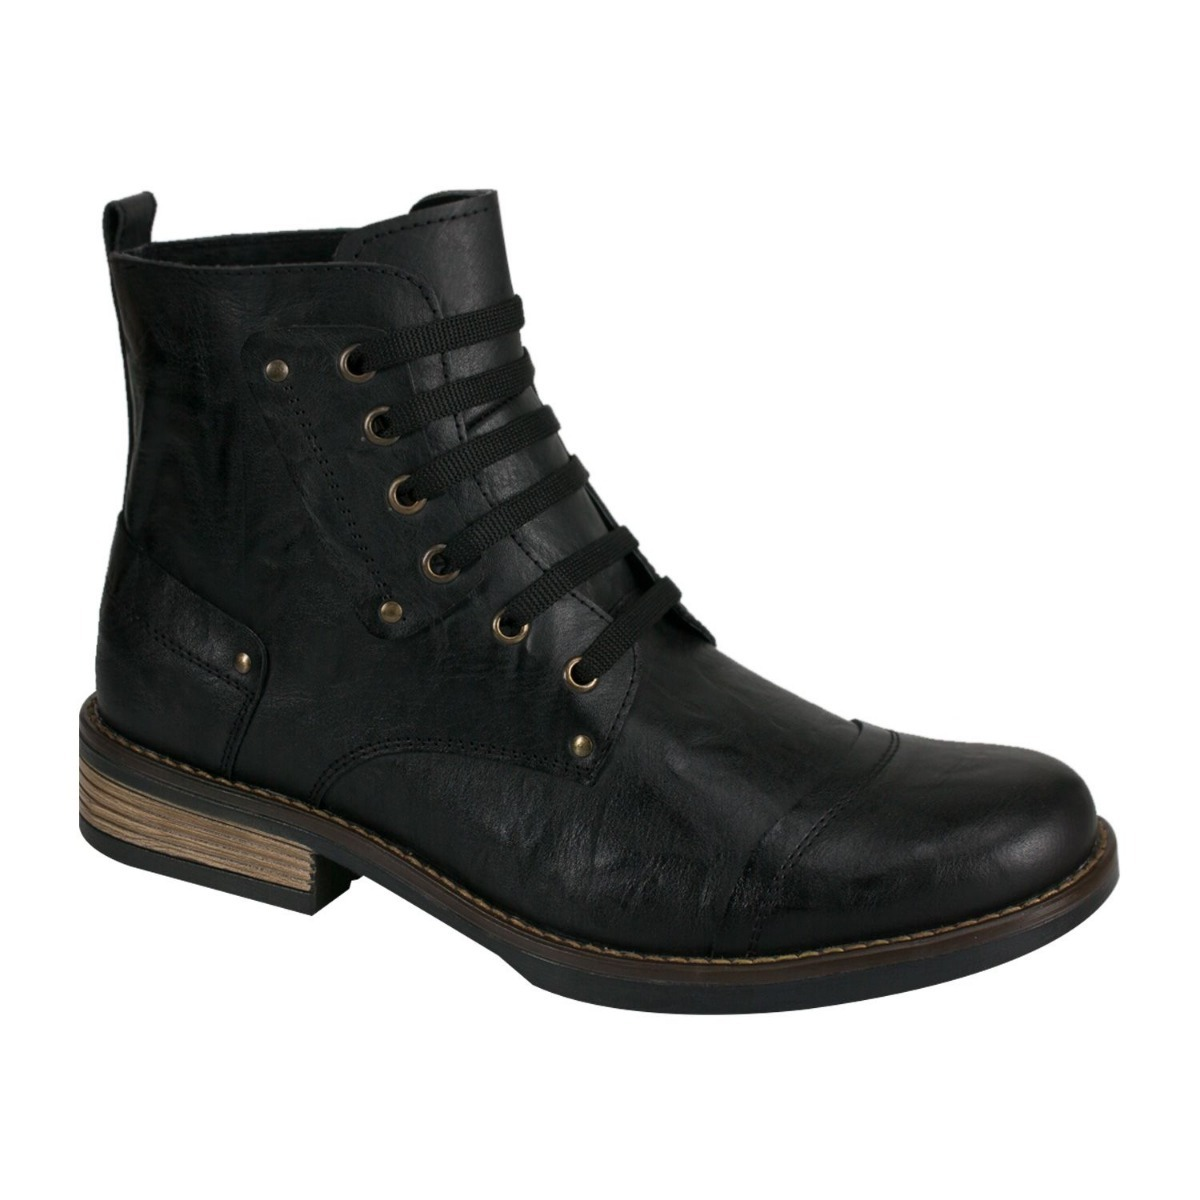 5de1a021 botas casuales para hombre locman negras originales id56. Cargando zoom.